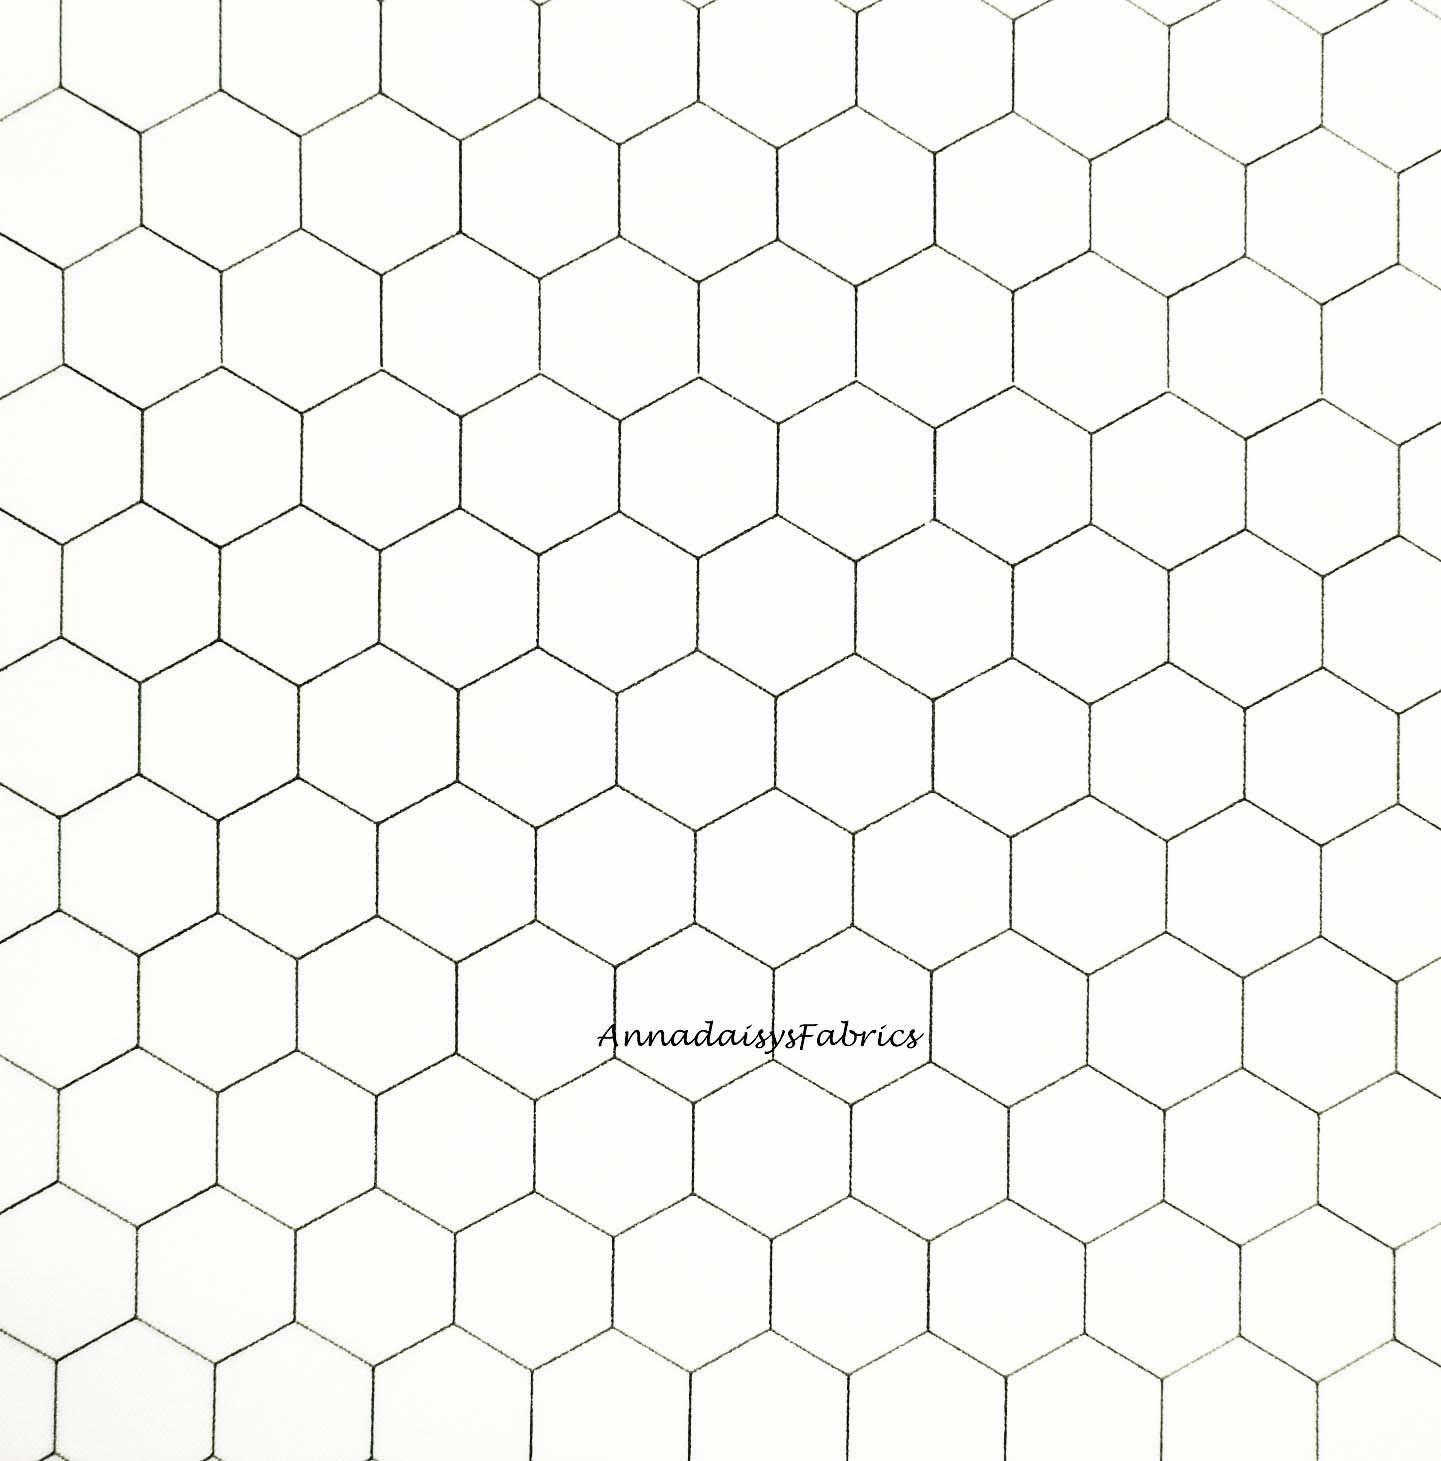 Chicken Wire Fabric, Moda 8255 1, Black and White Chicken Wire Quilt ...